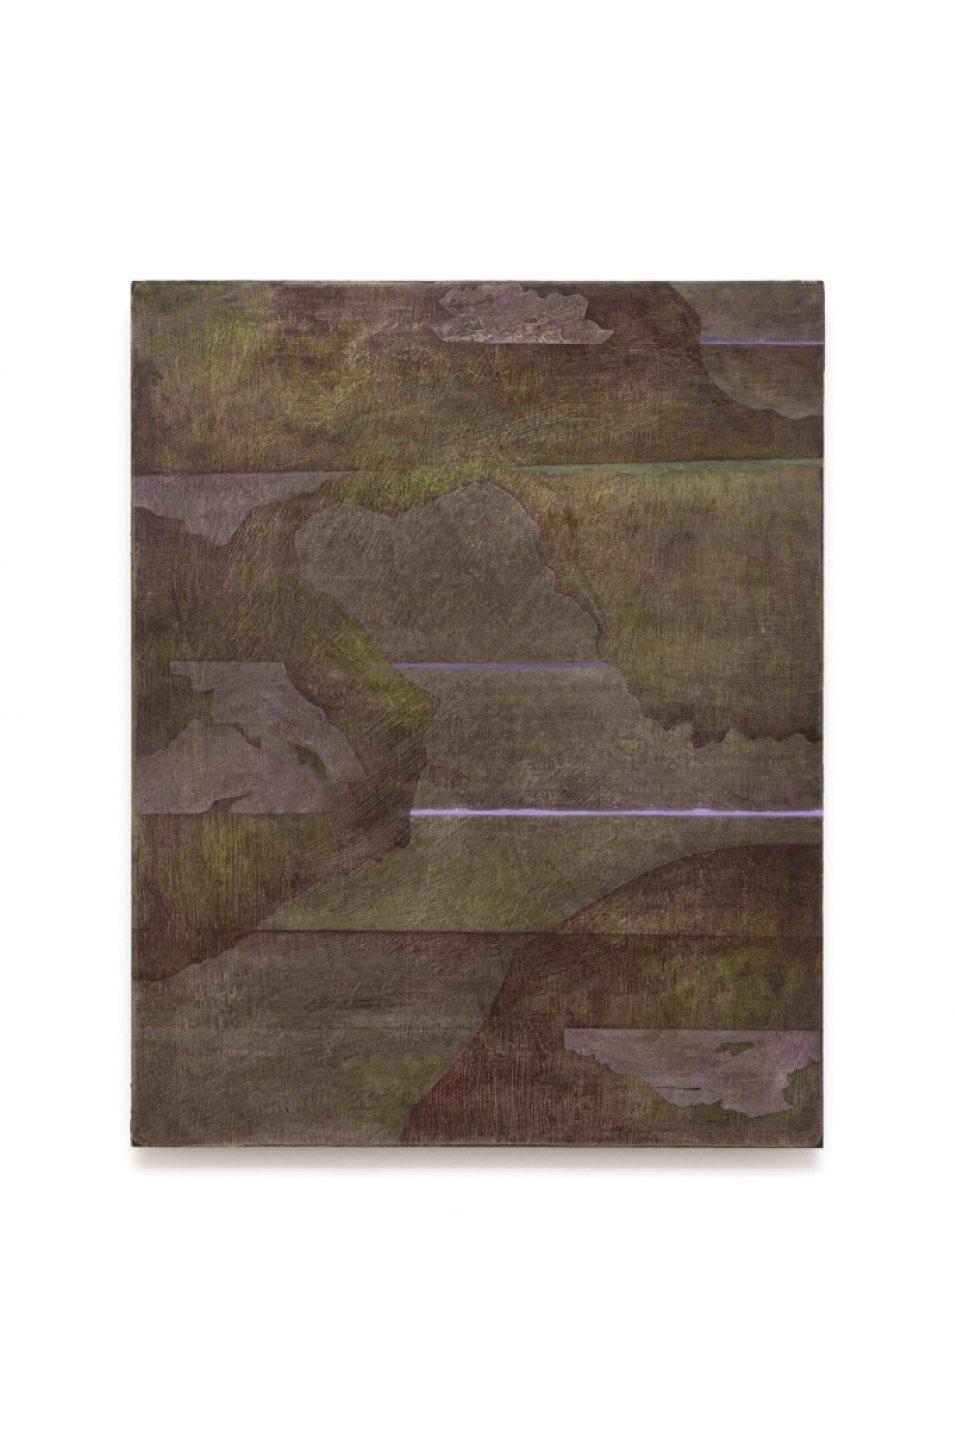 Iulia Nistor, <em>Evidence E8 F5 A1</em>, 2017, oil on wood, 50 × 40 cm - Mendes Wood DM